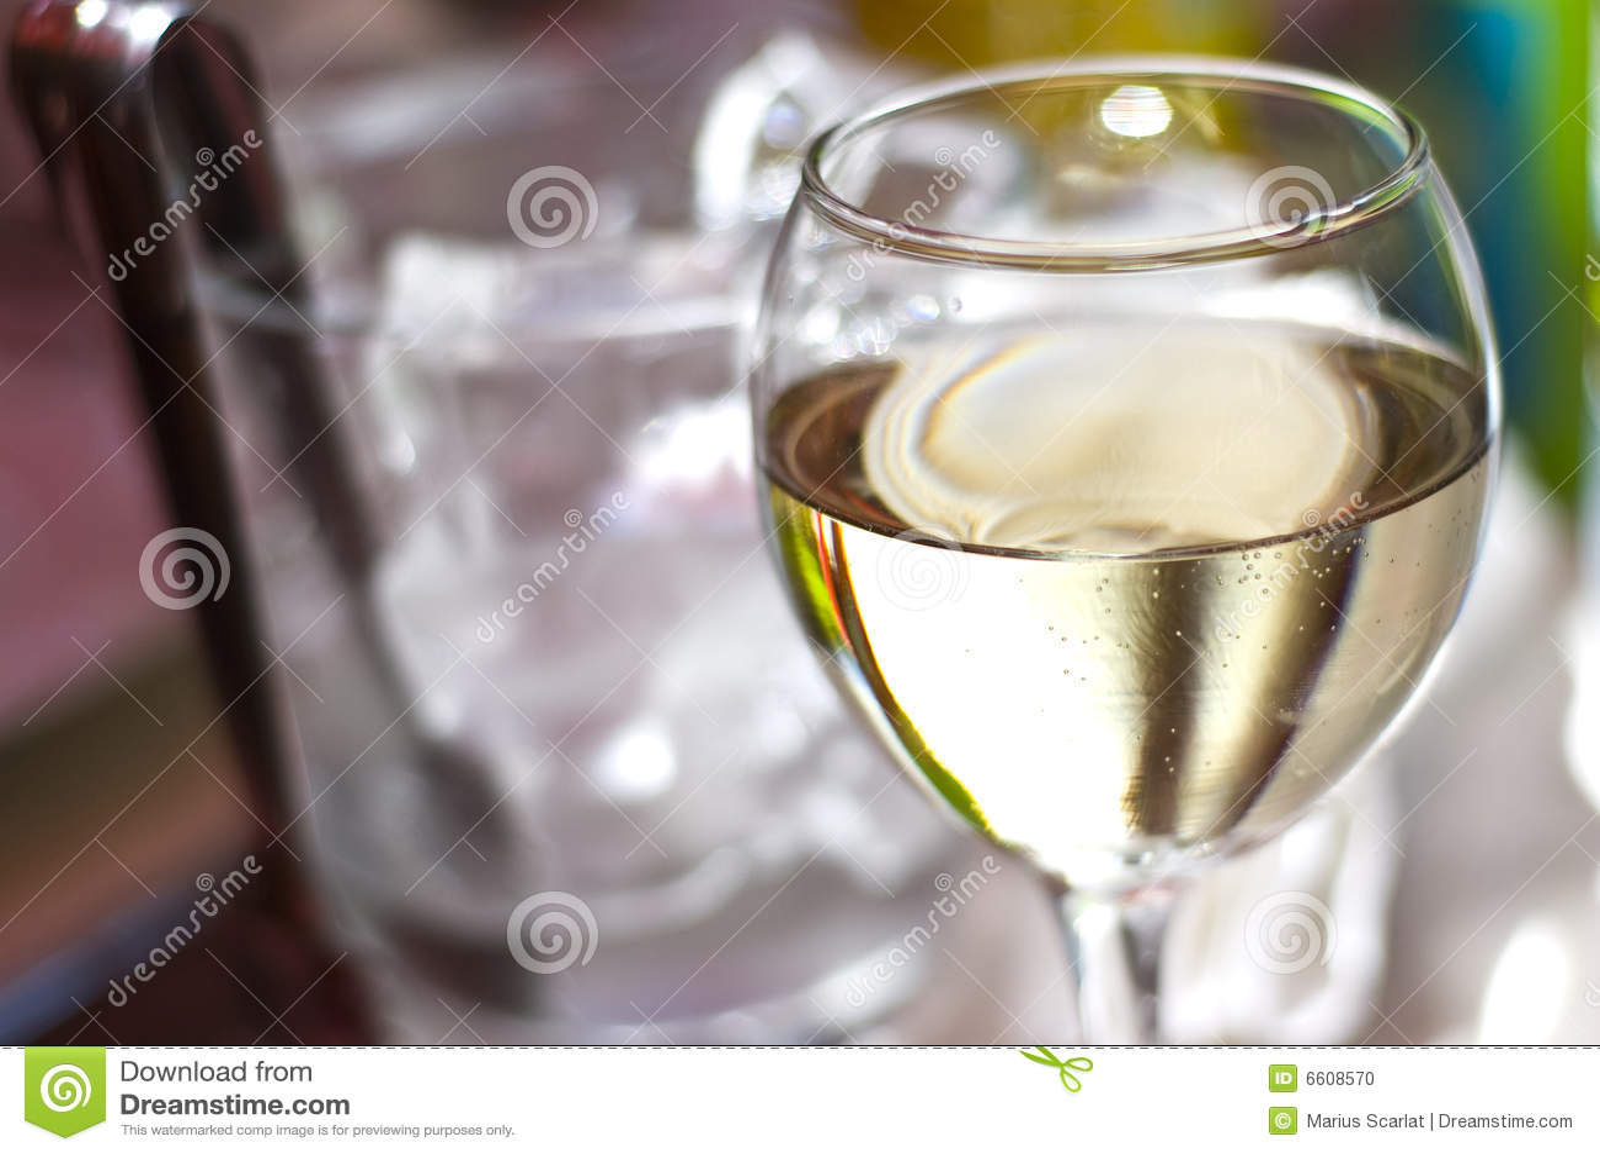 Glass wine